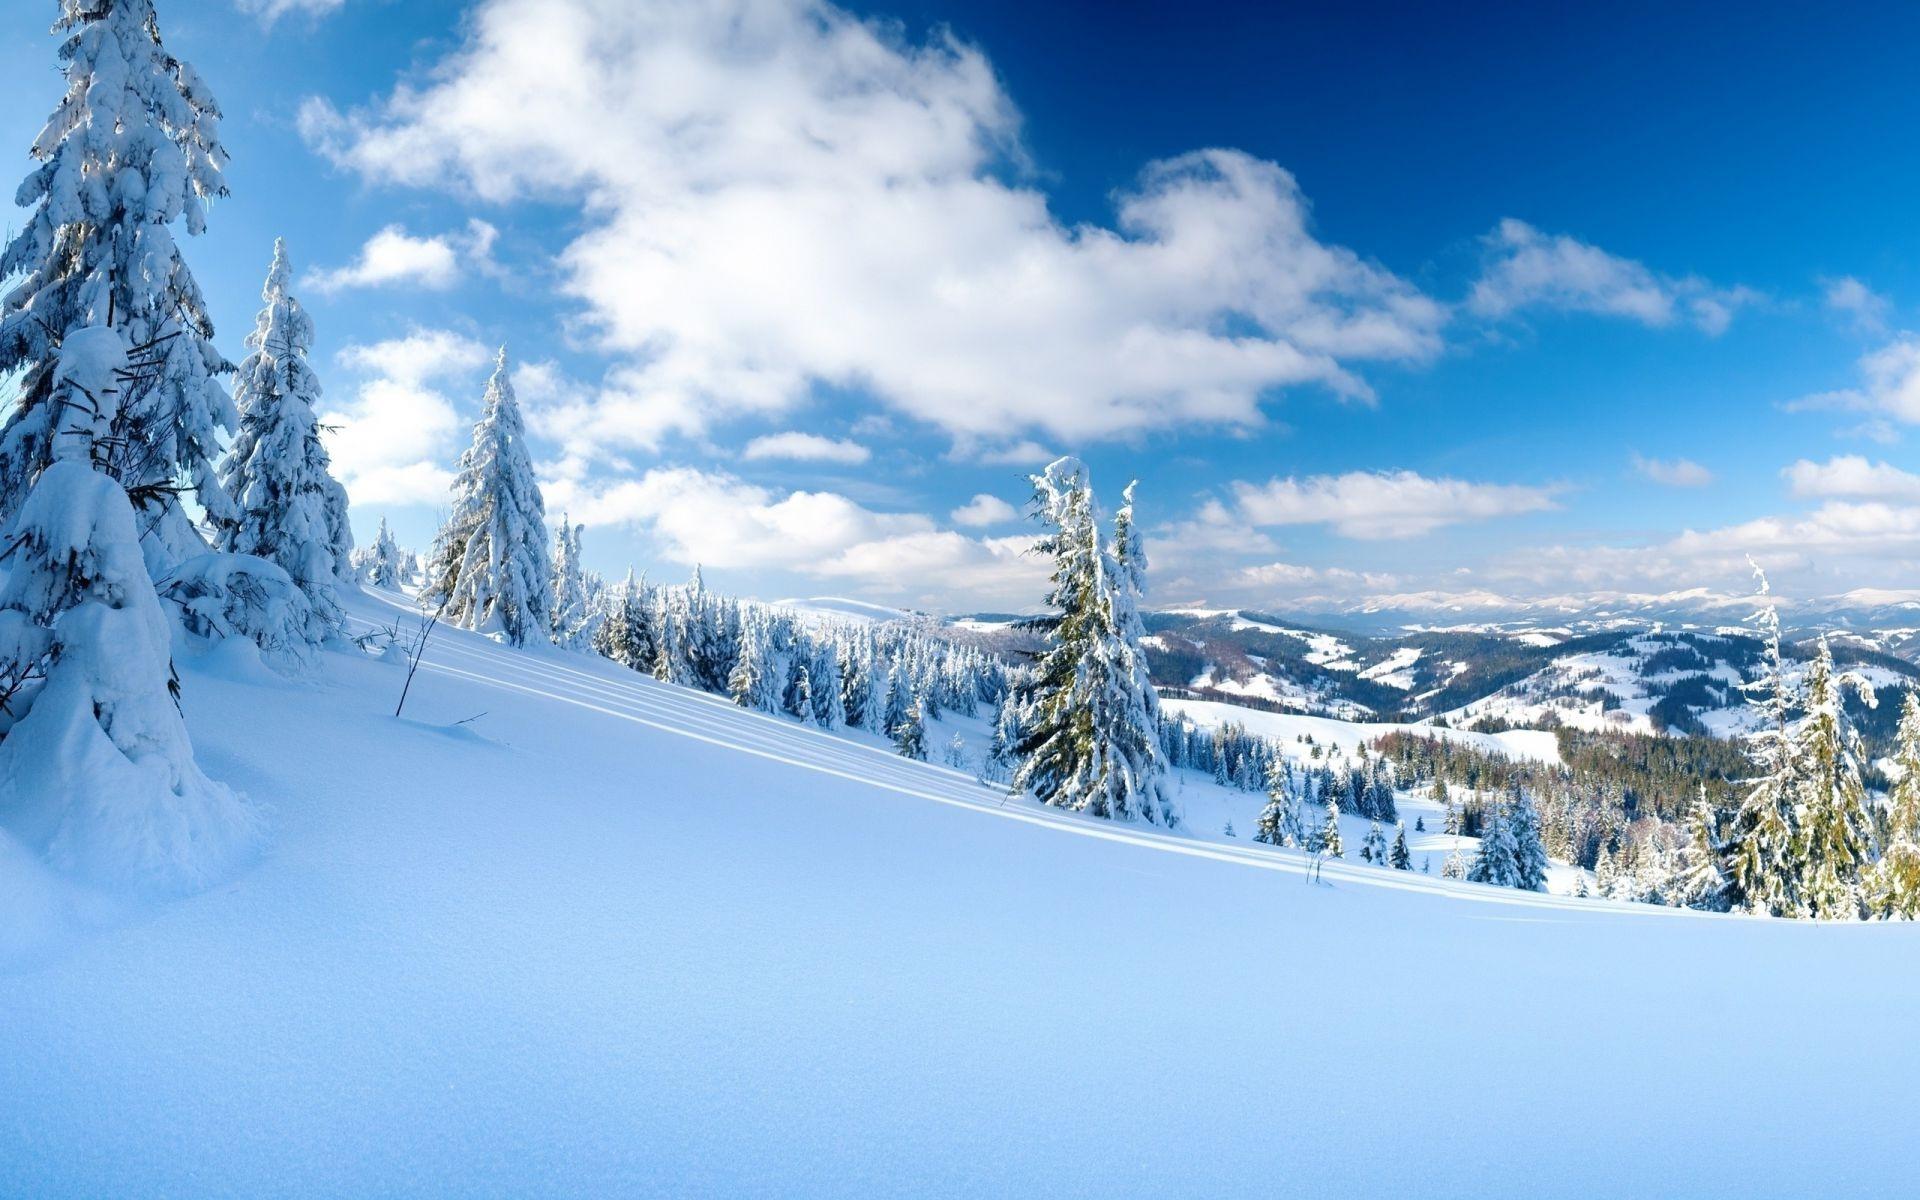 картинки зима снег на рабочий стол распашные, маленькой